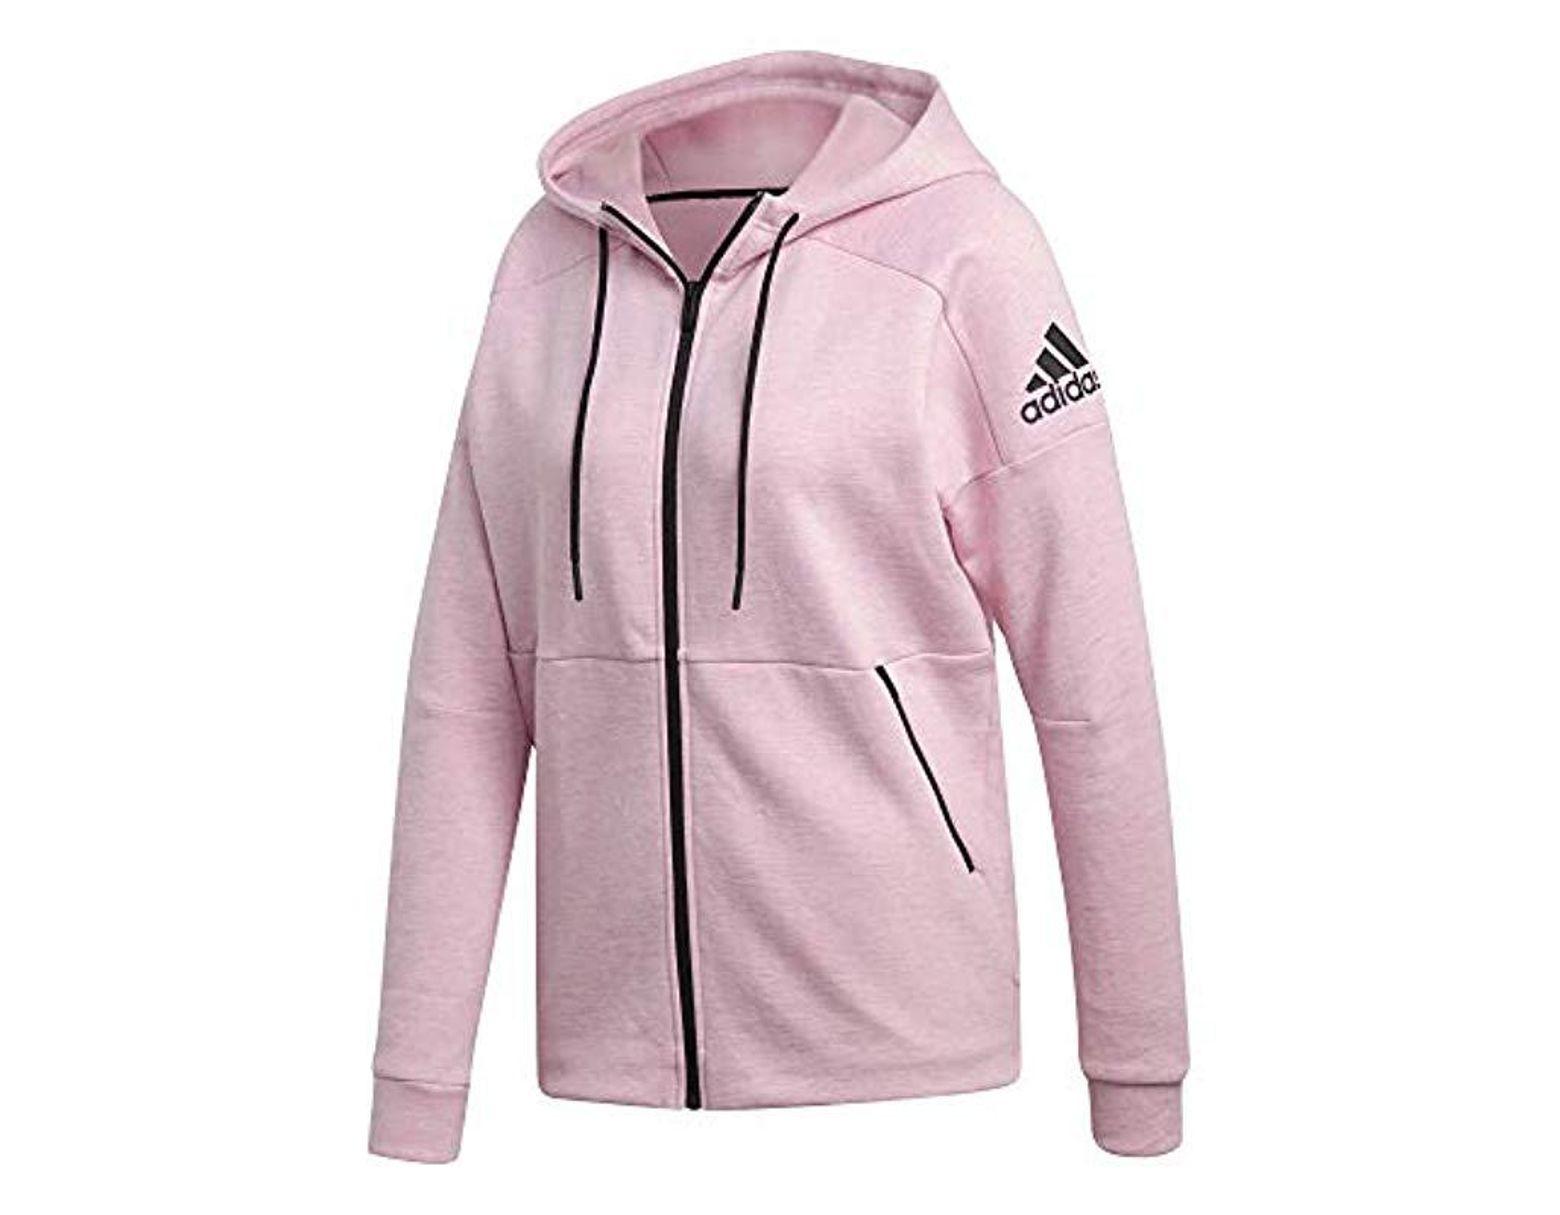 7db1ab5ce0a9f adidas W Id Stadium Hd Sweatshirt in Pink - Lyst